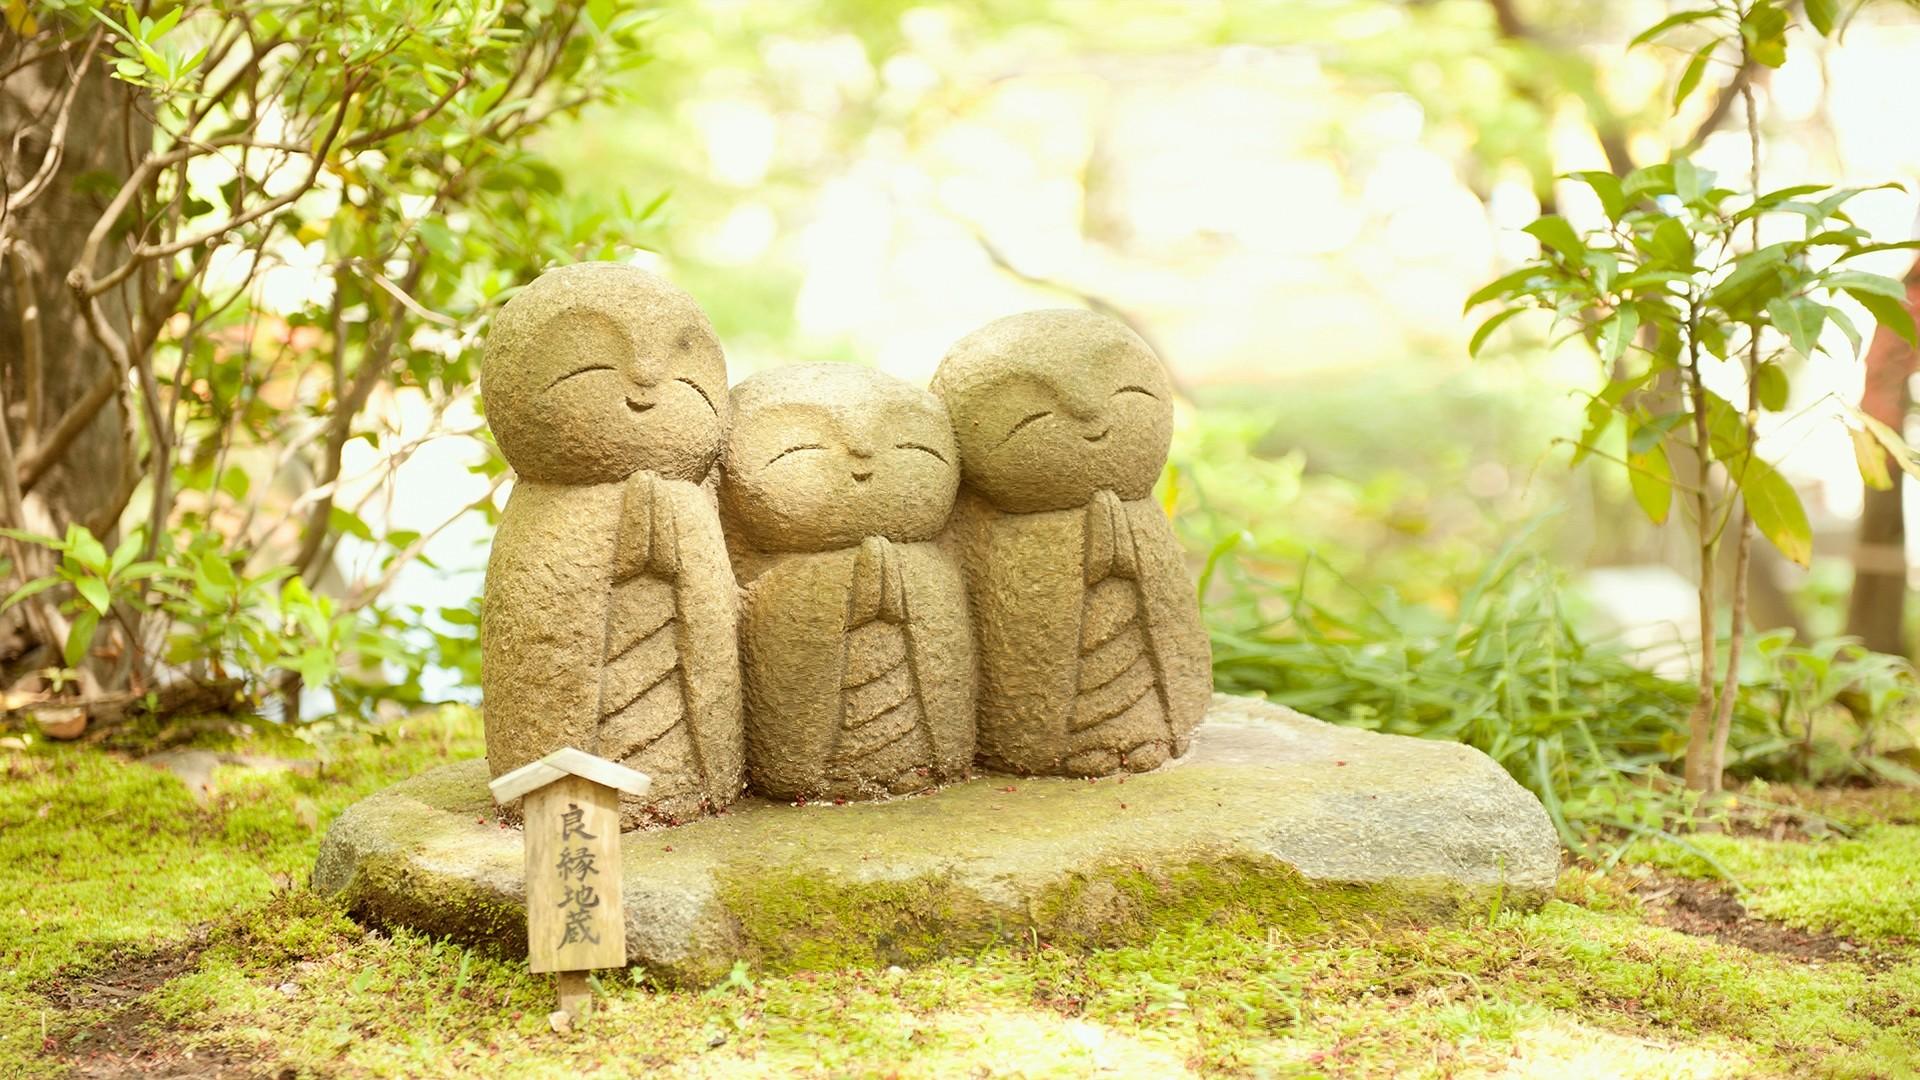 Zen Wallpaper image hd